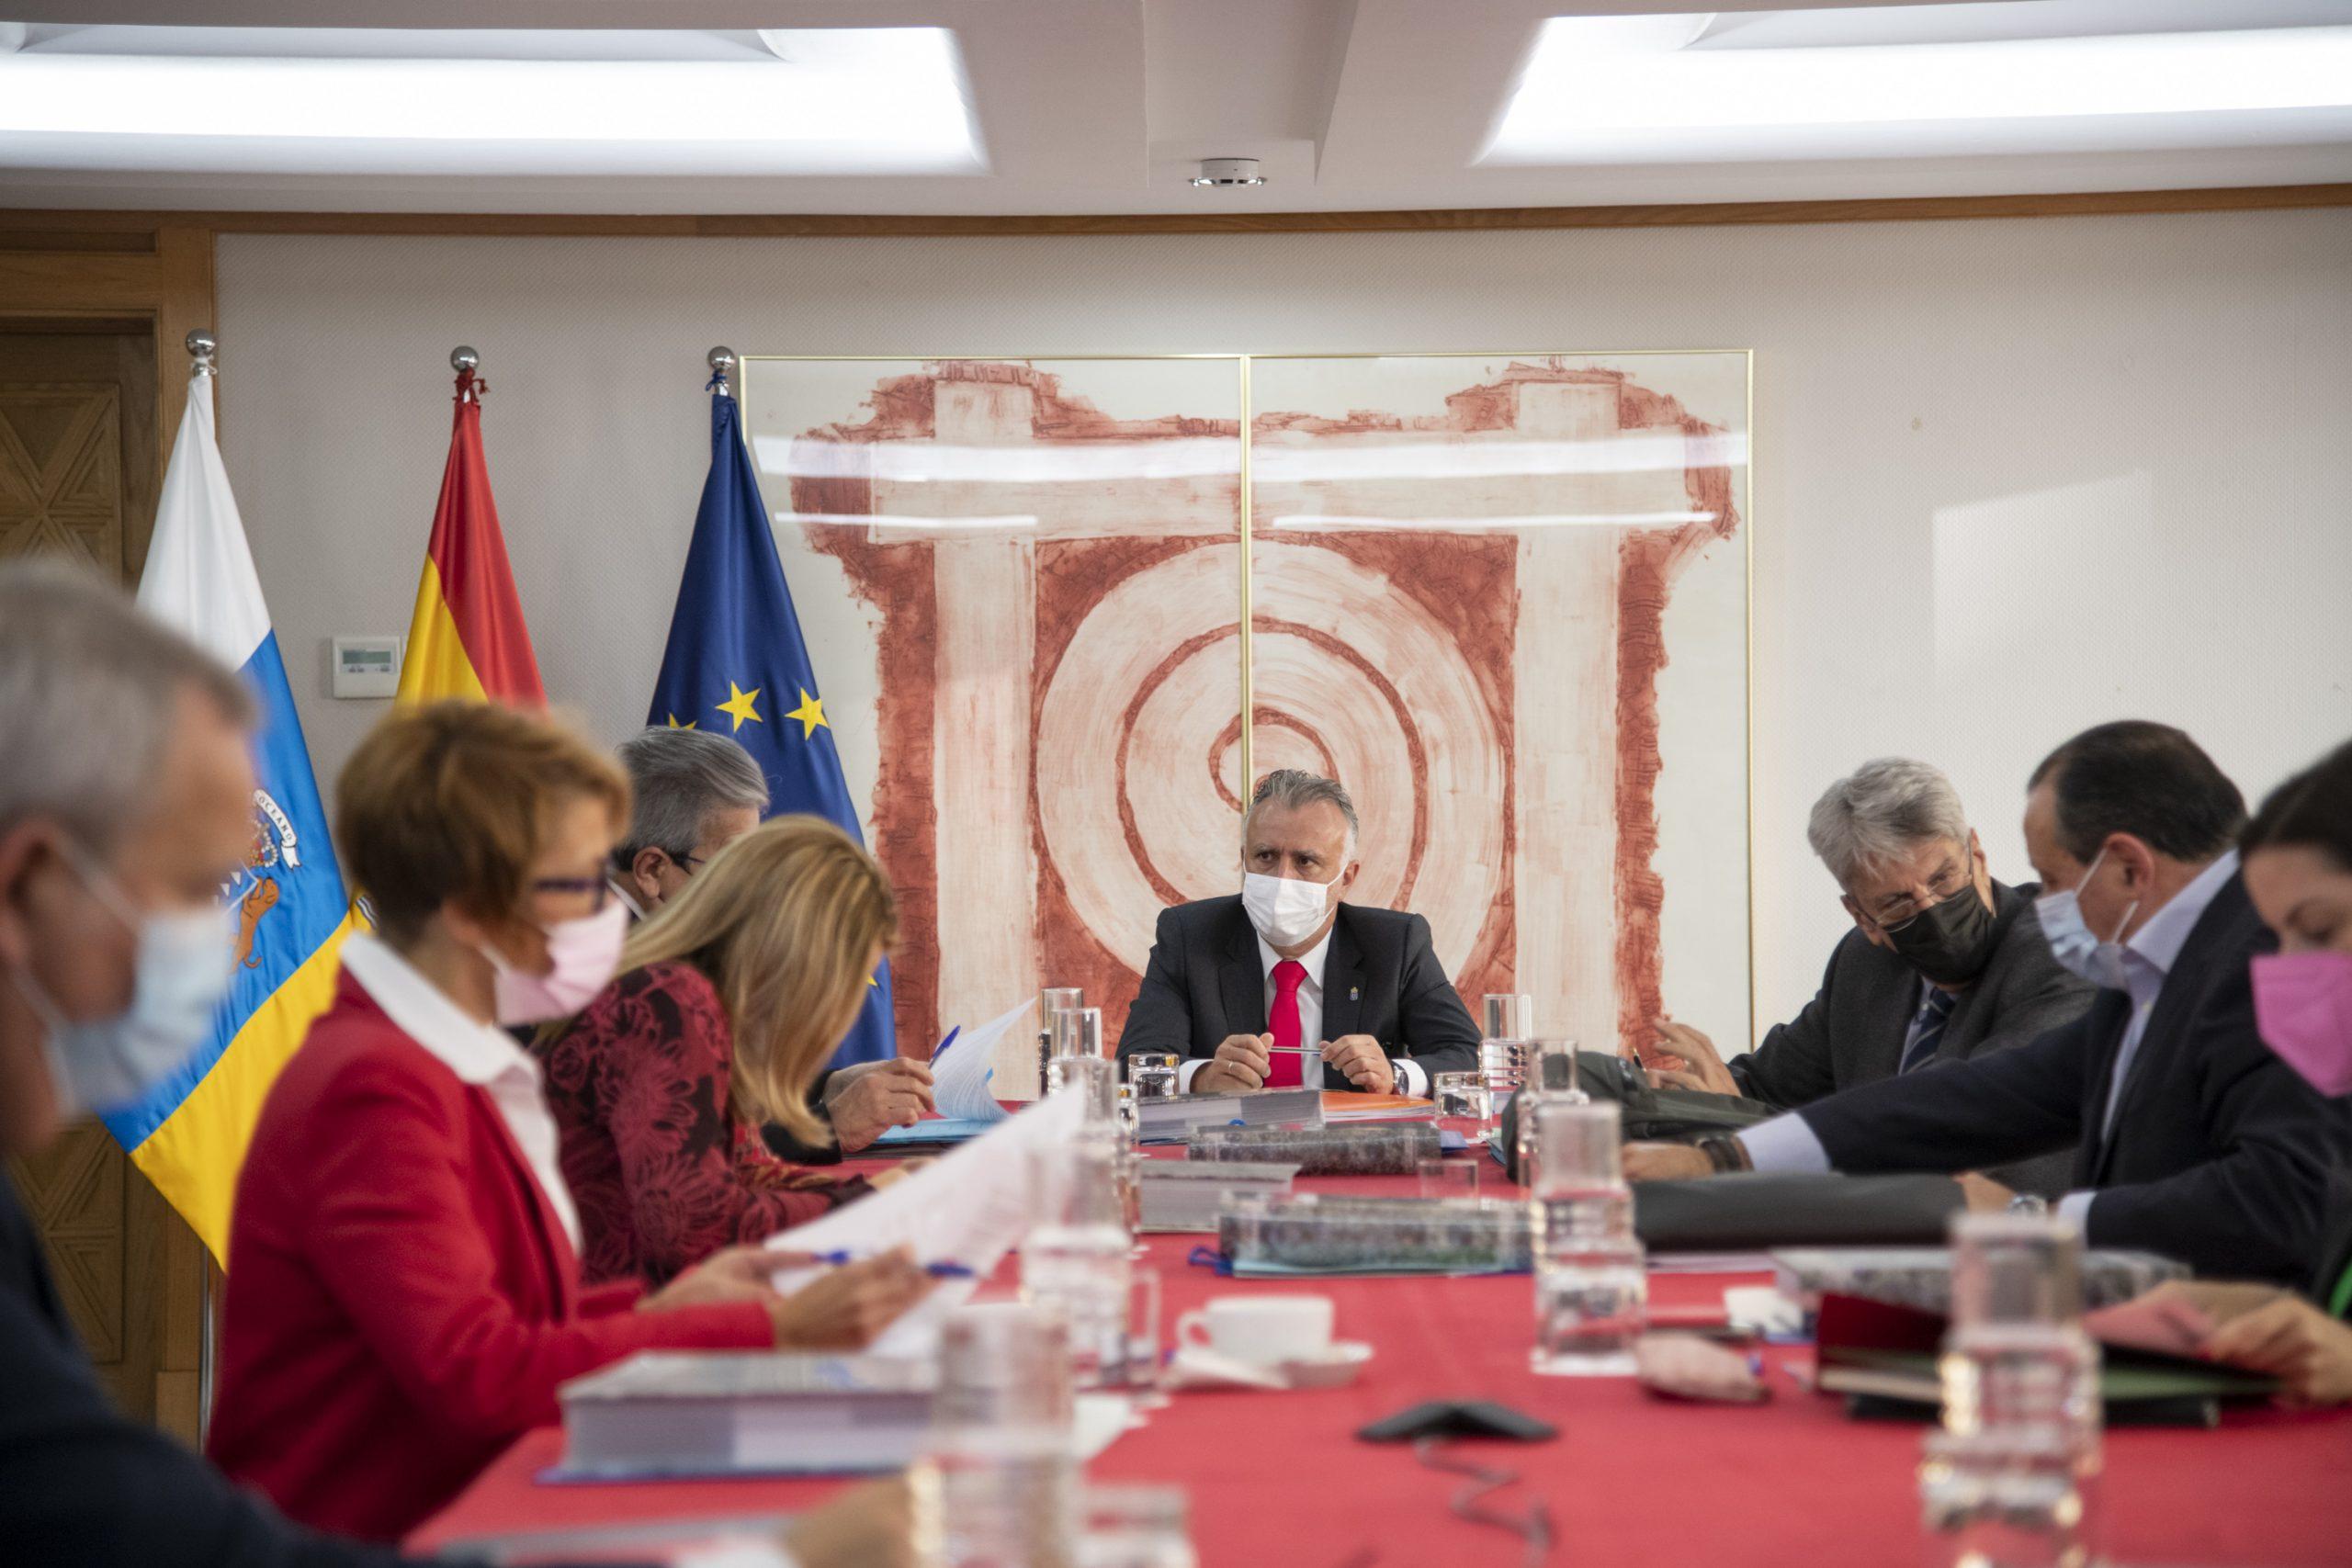 El Gobierno genera crédito de 165 millones de euros para sufragar ayudas directas a los sectores más perjudicados